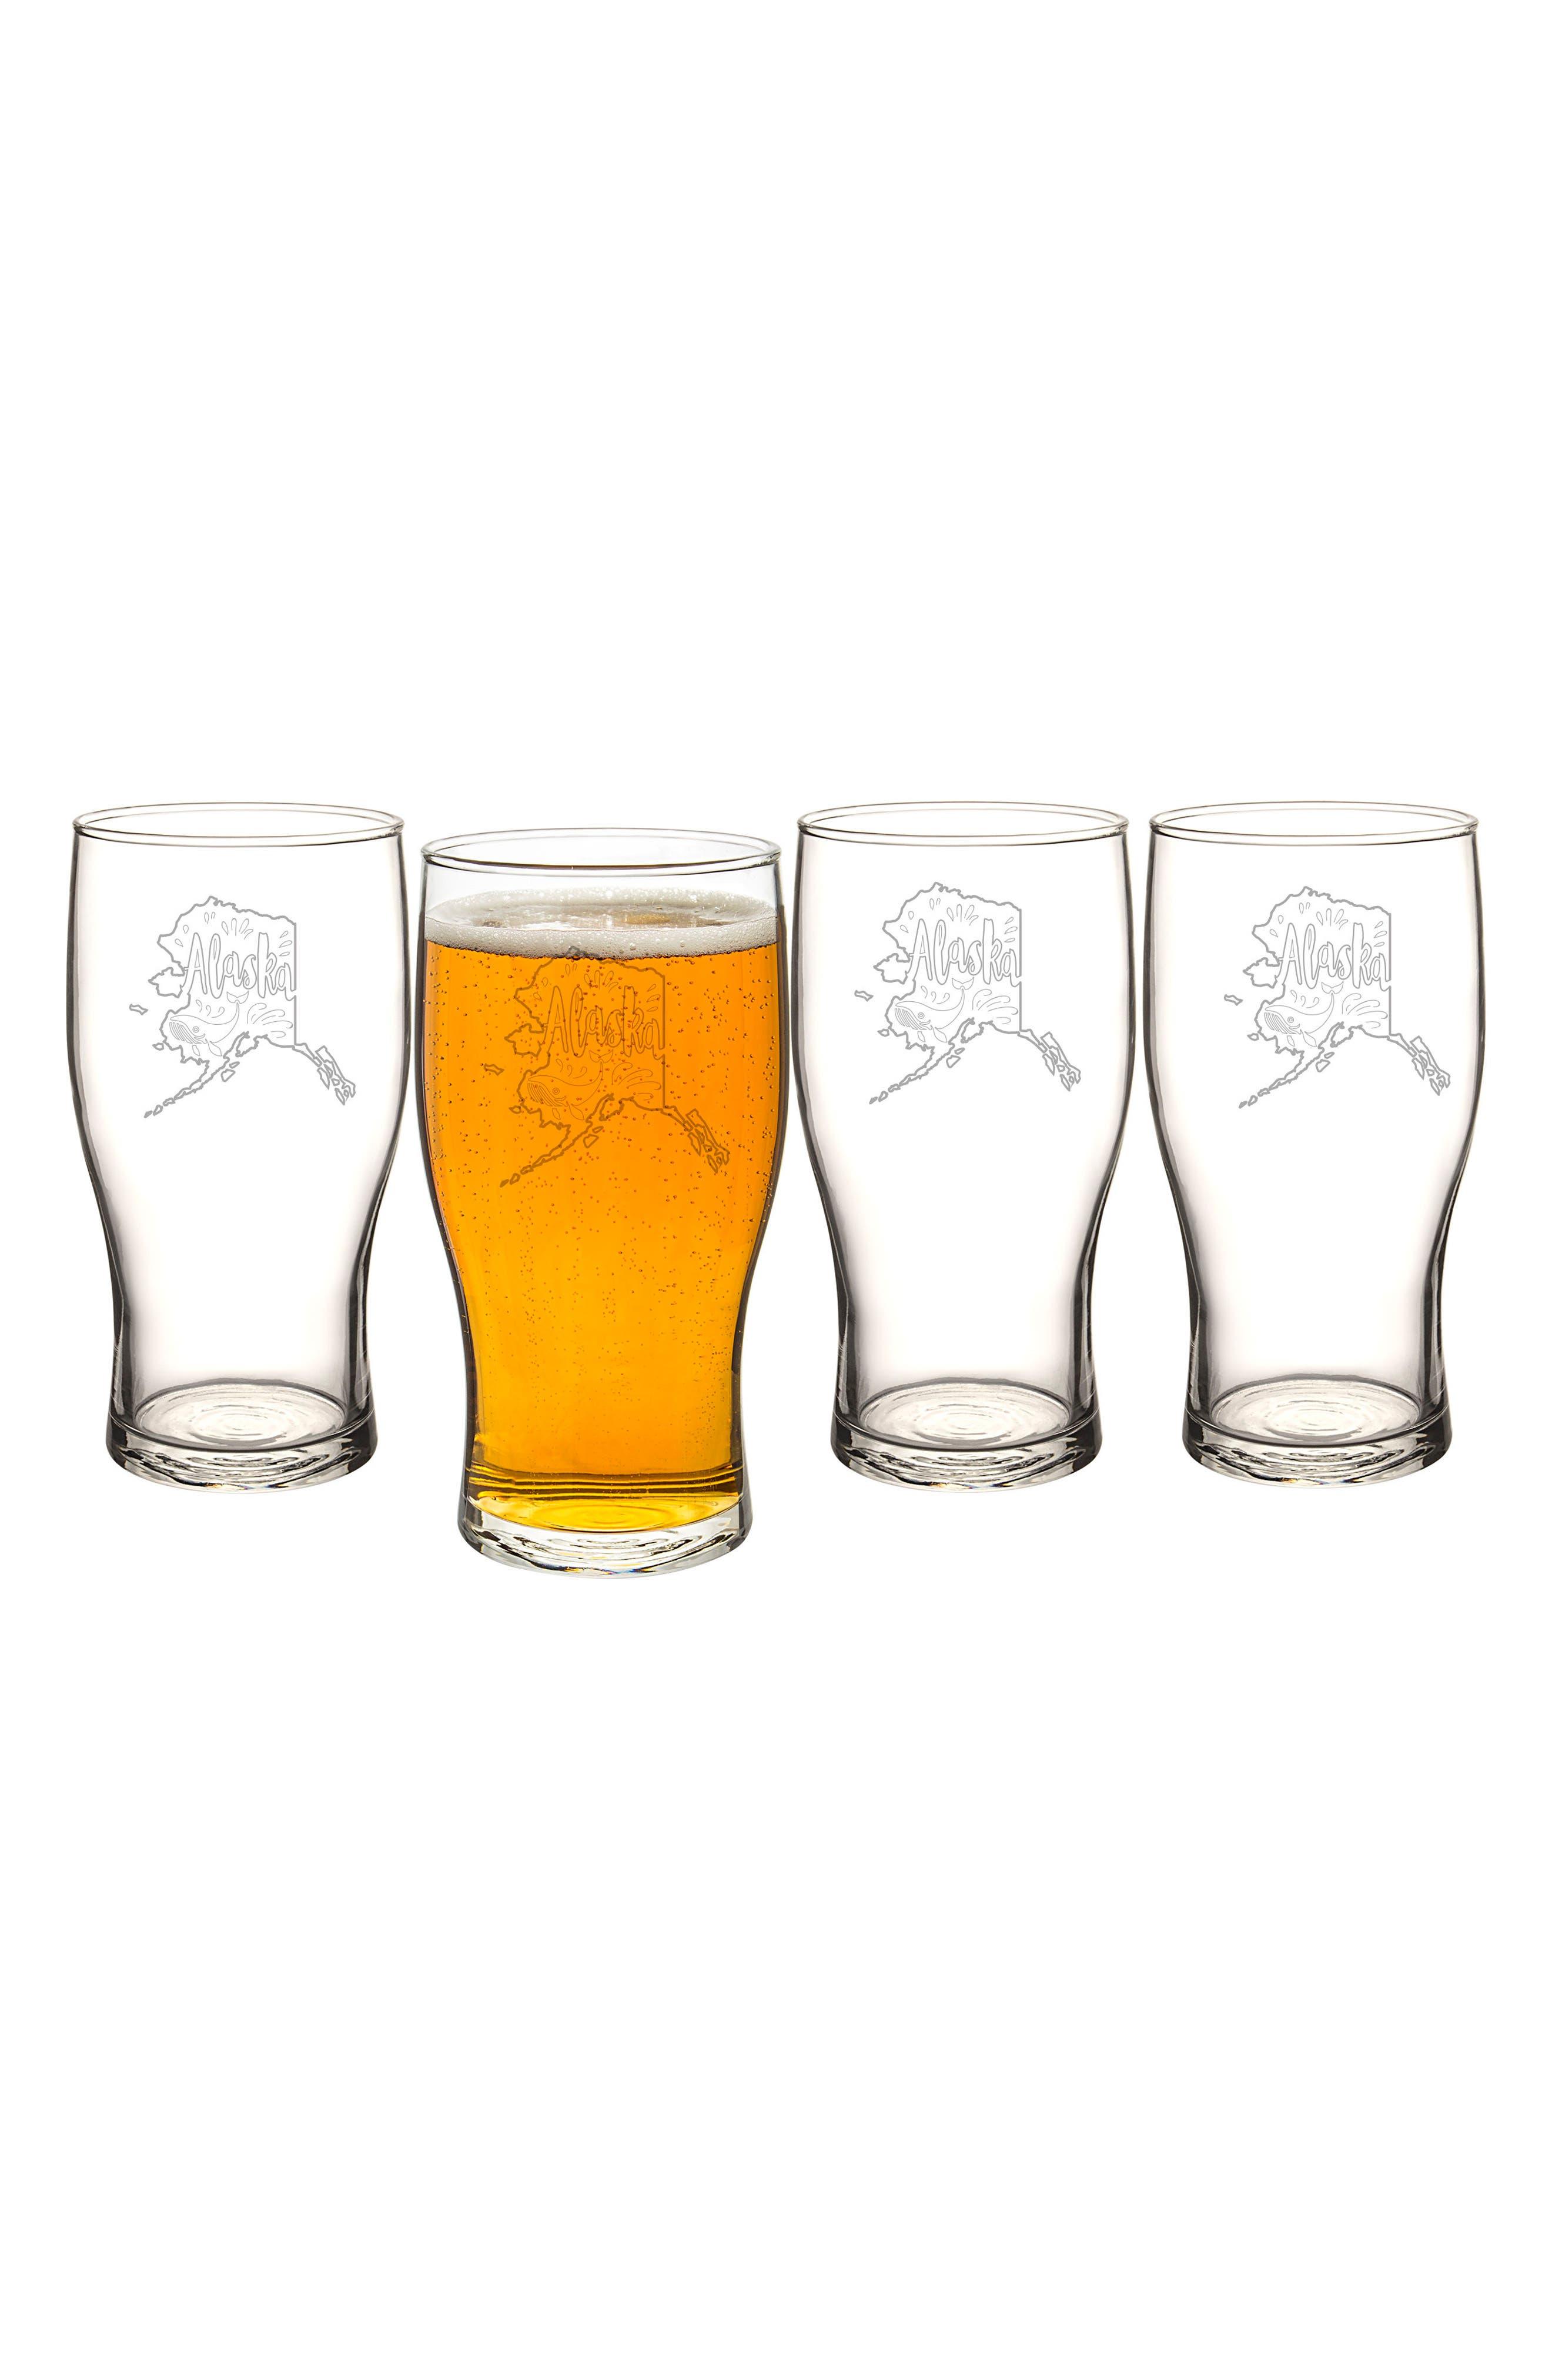 State Set of 4 Pilsner Glasses,                         Main,                         color, 100